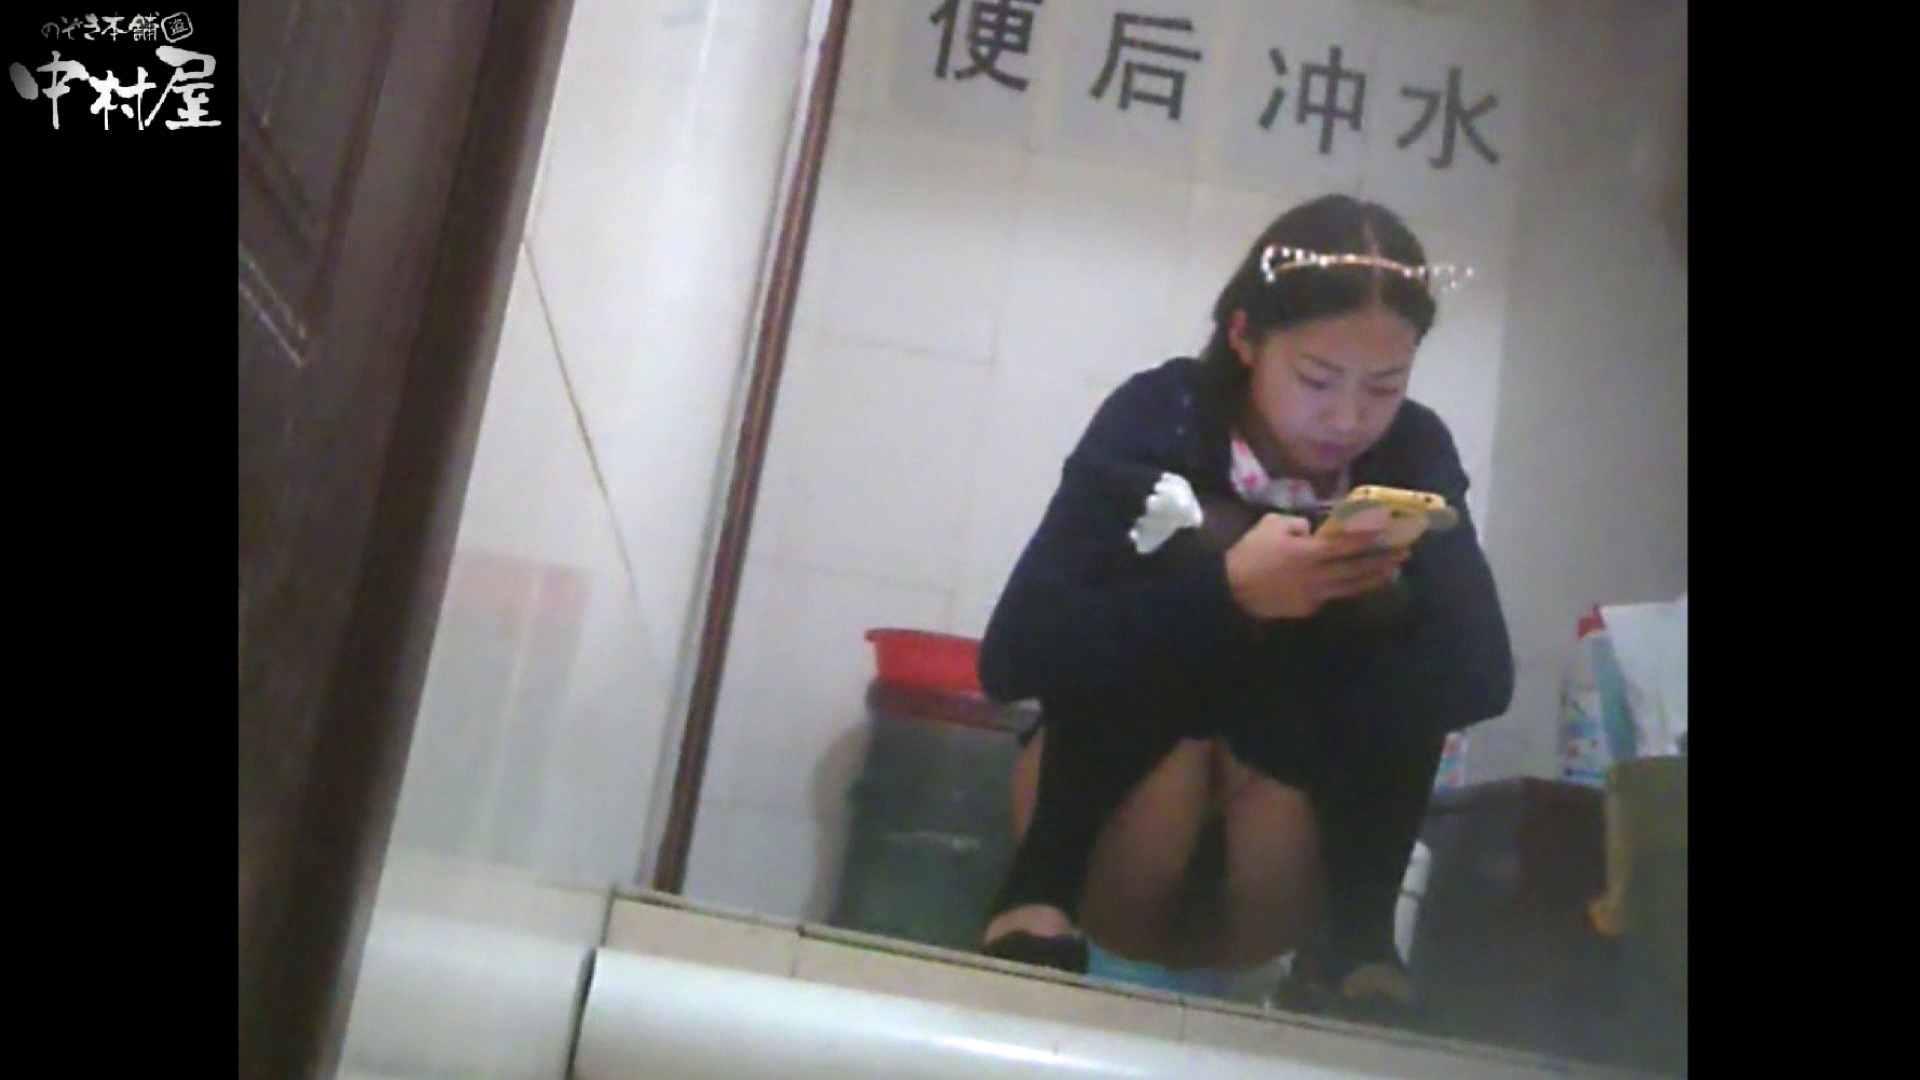 李さんの盗撮日記 Vol.10 萌えギャル おめこ無修正動画無料 50連発 33